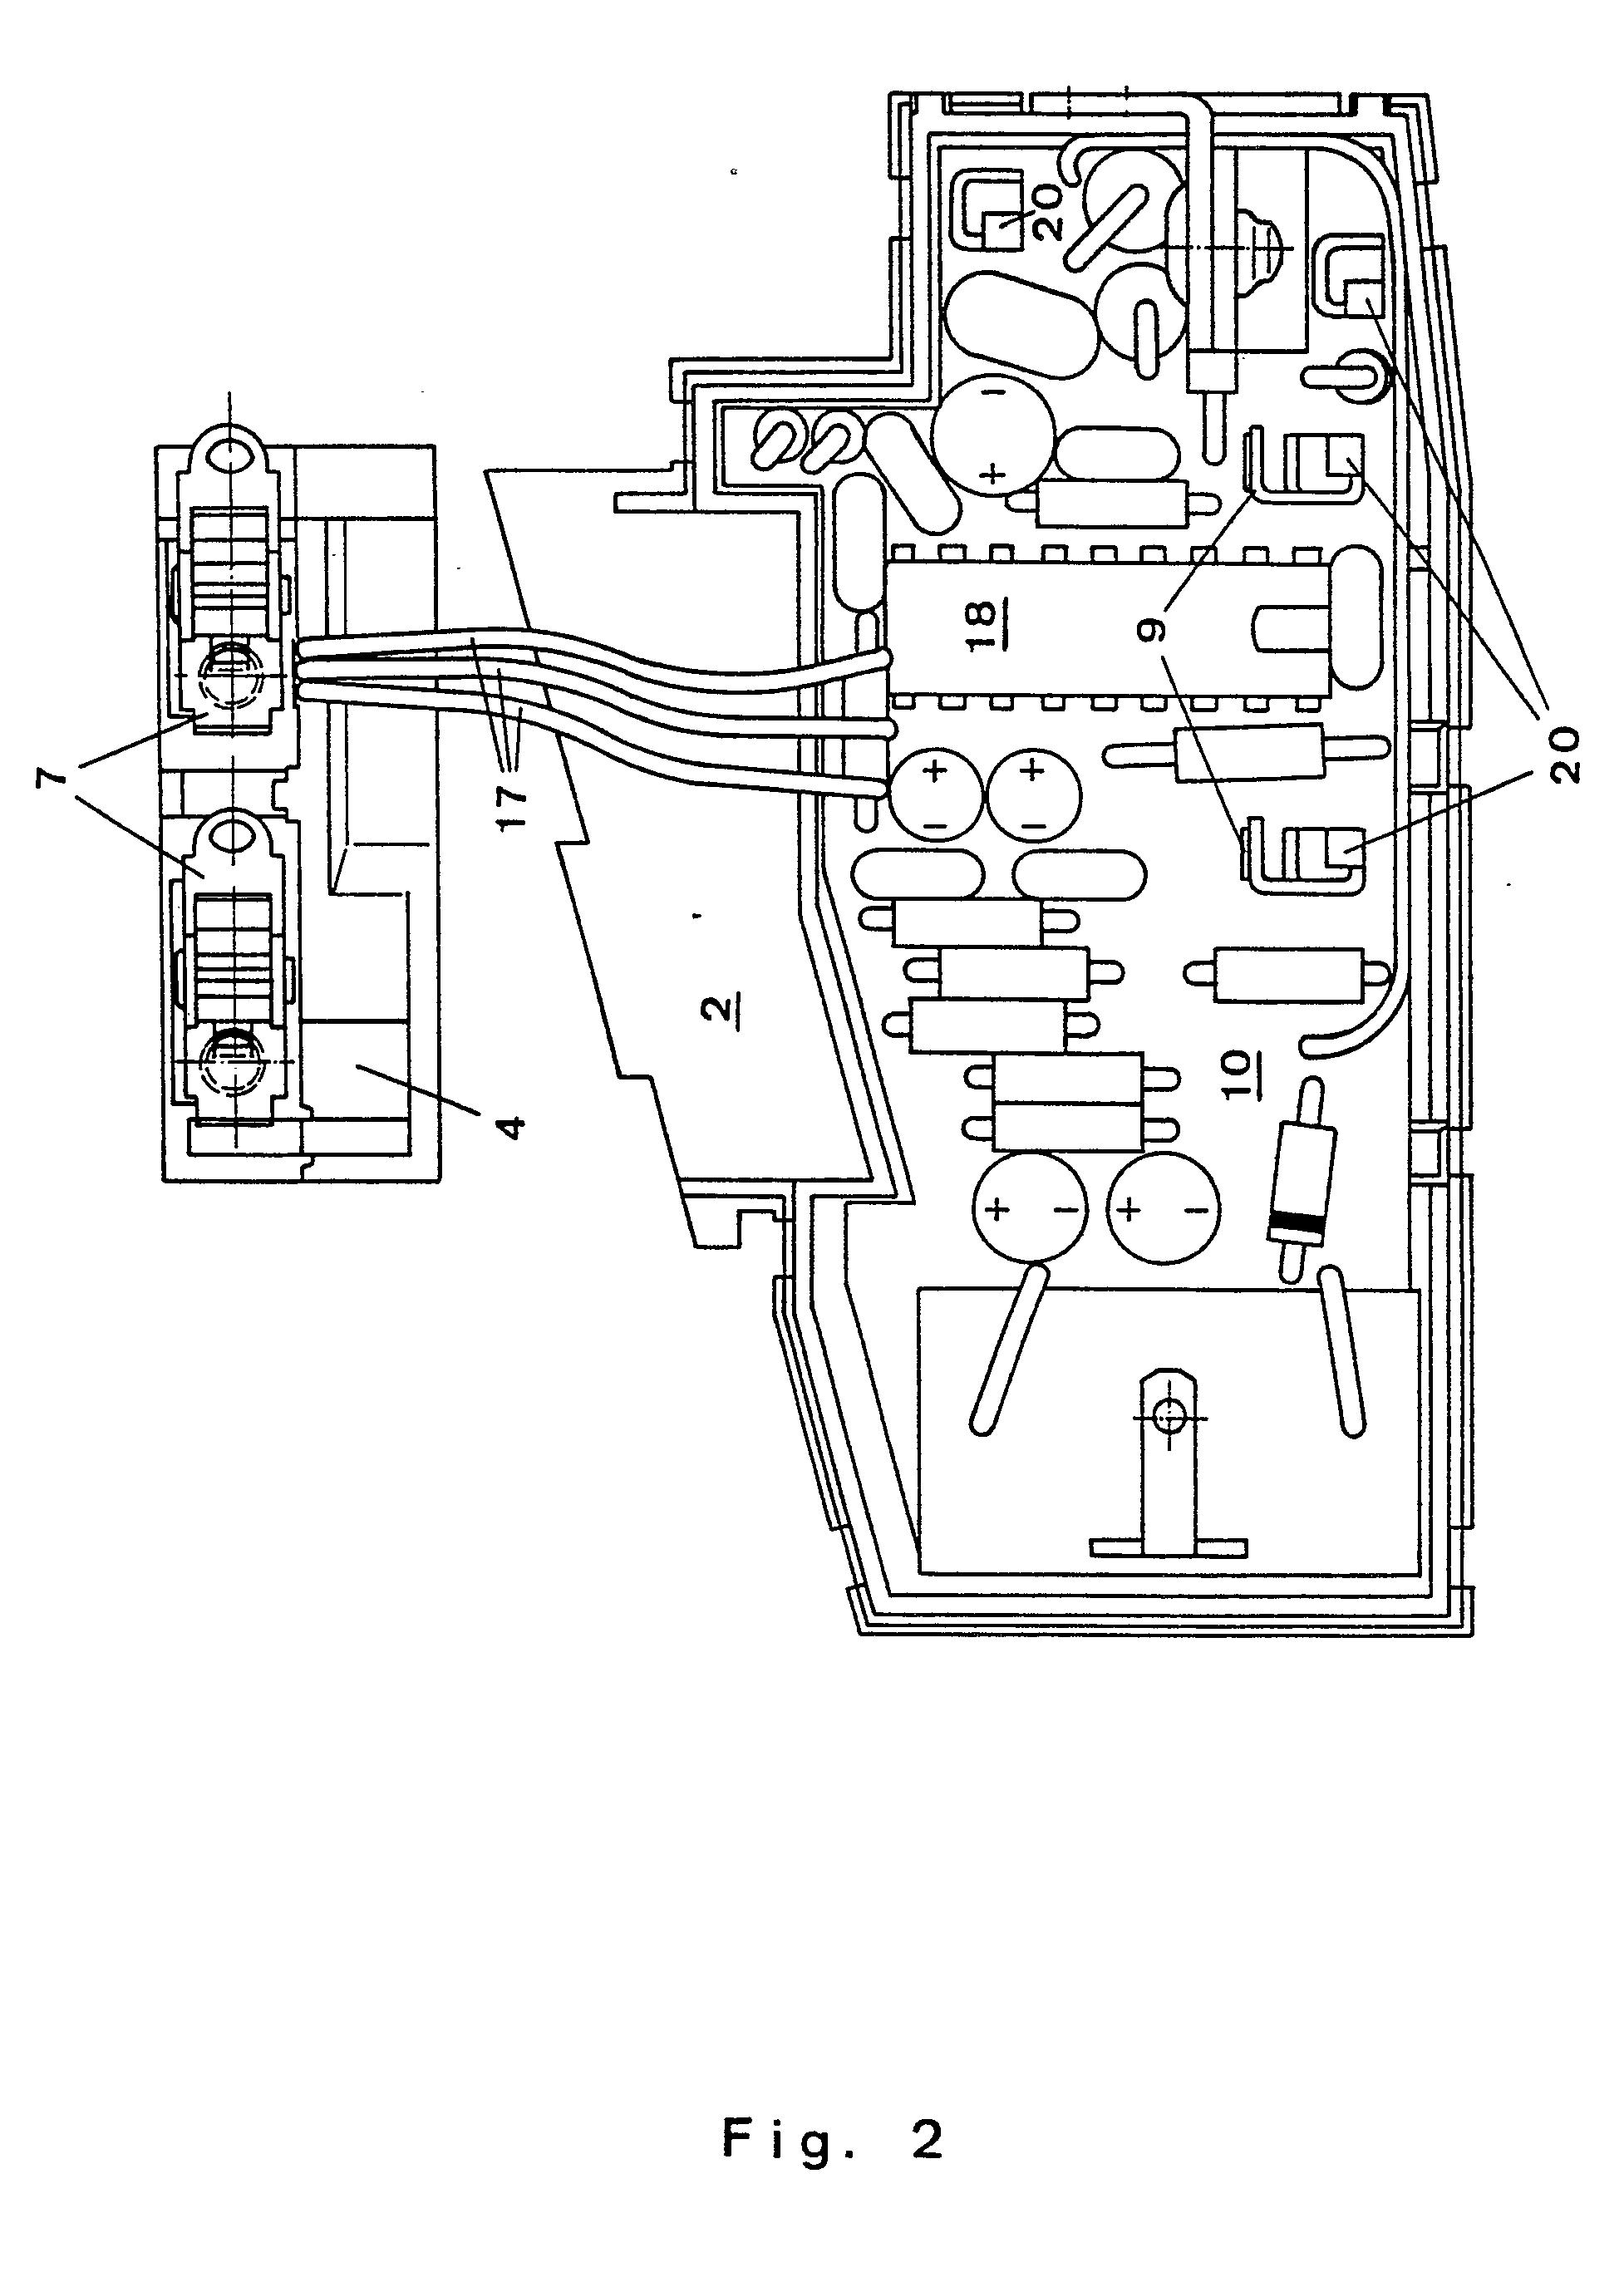 Druckschalter verhaken Zeichnung